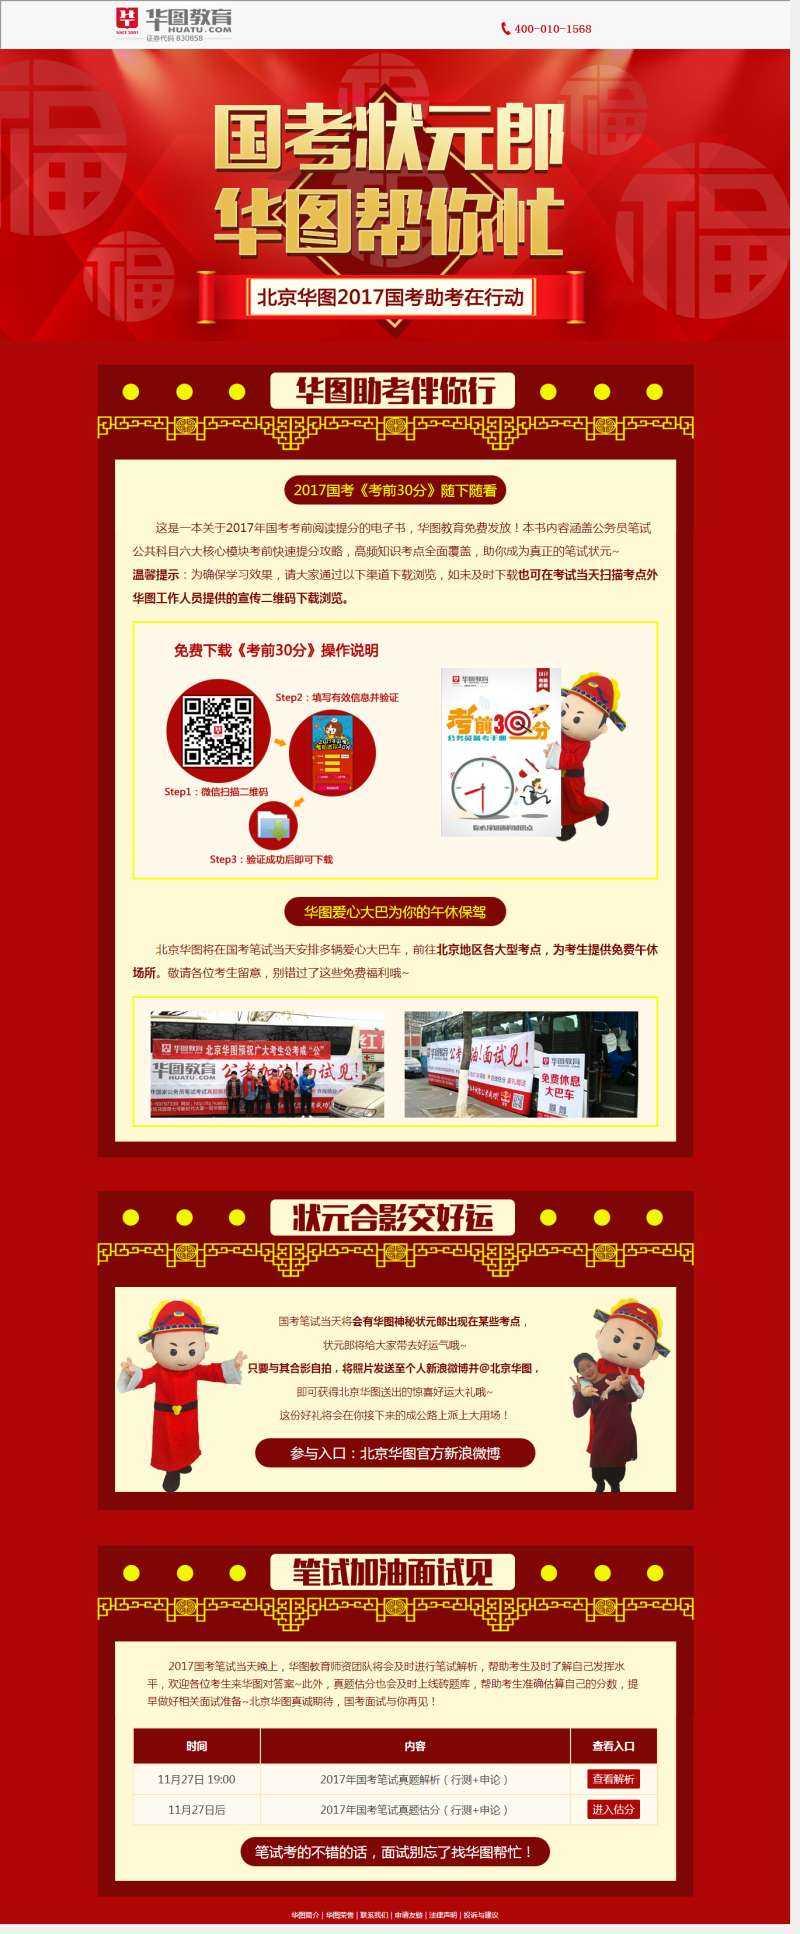 红色喜庆的国考状元郎活动专题页面模板